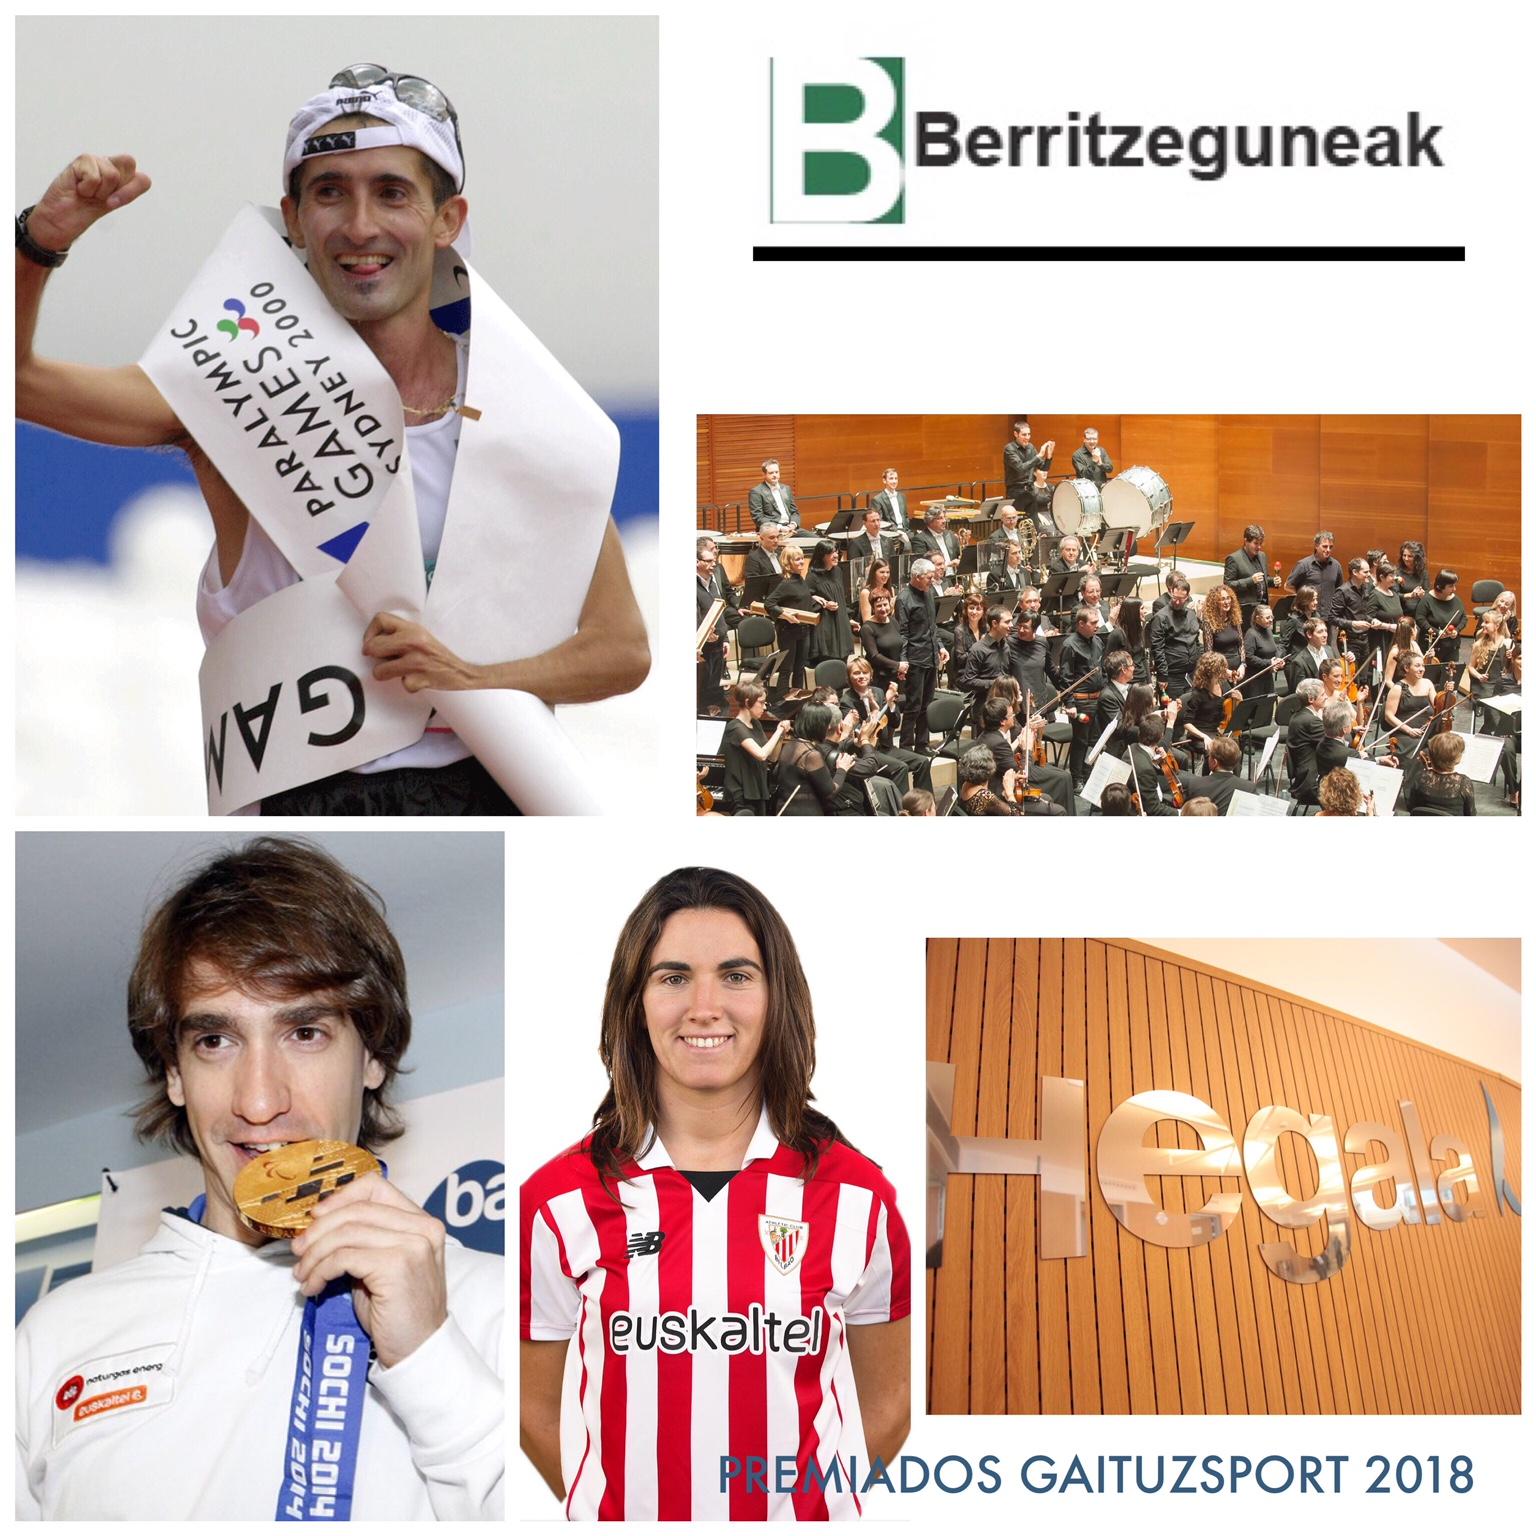 Premios GaituzSport 2018 deporte